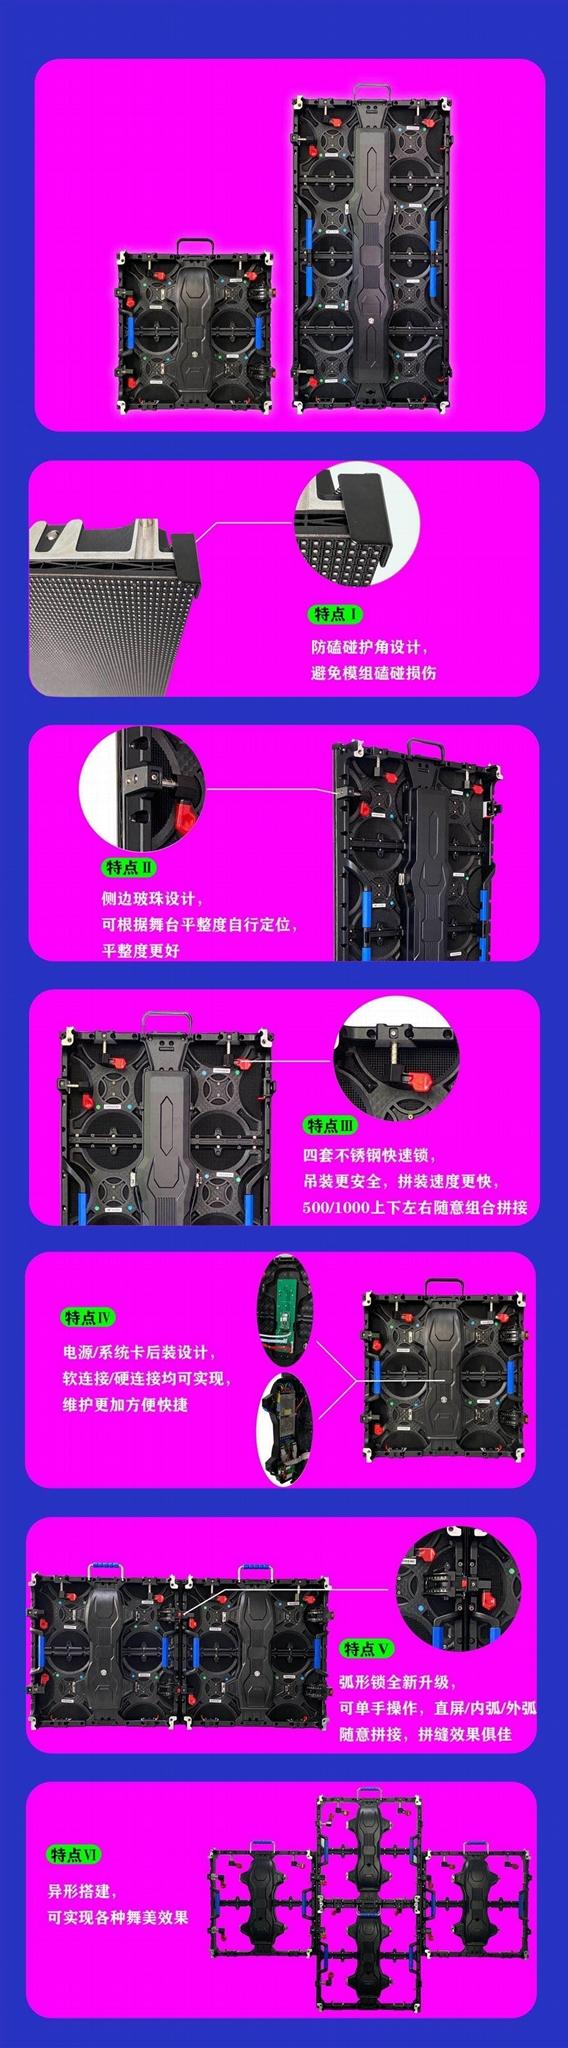 公模壓鑄鋁箱體 LED顯示屏箱體480*480mm 適用於: P2.5 P5 5